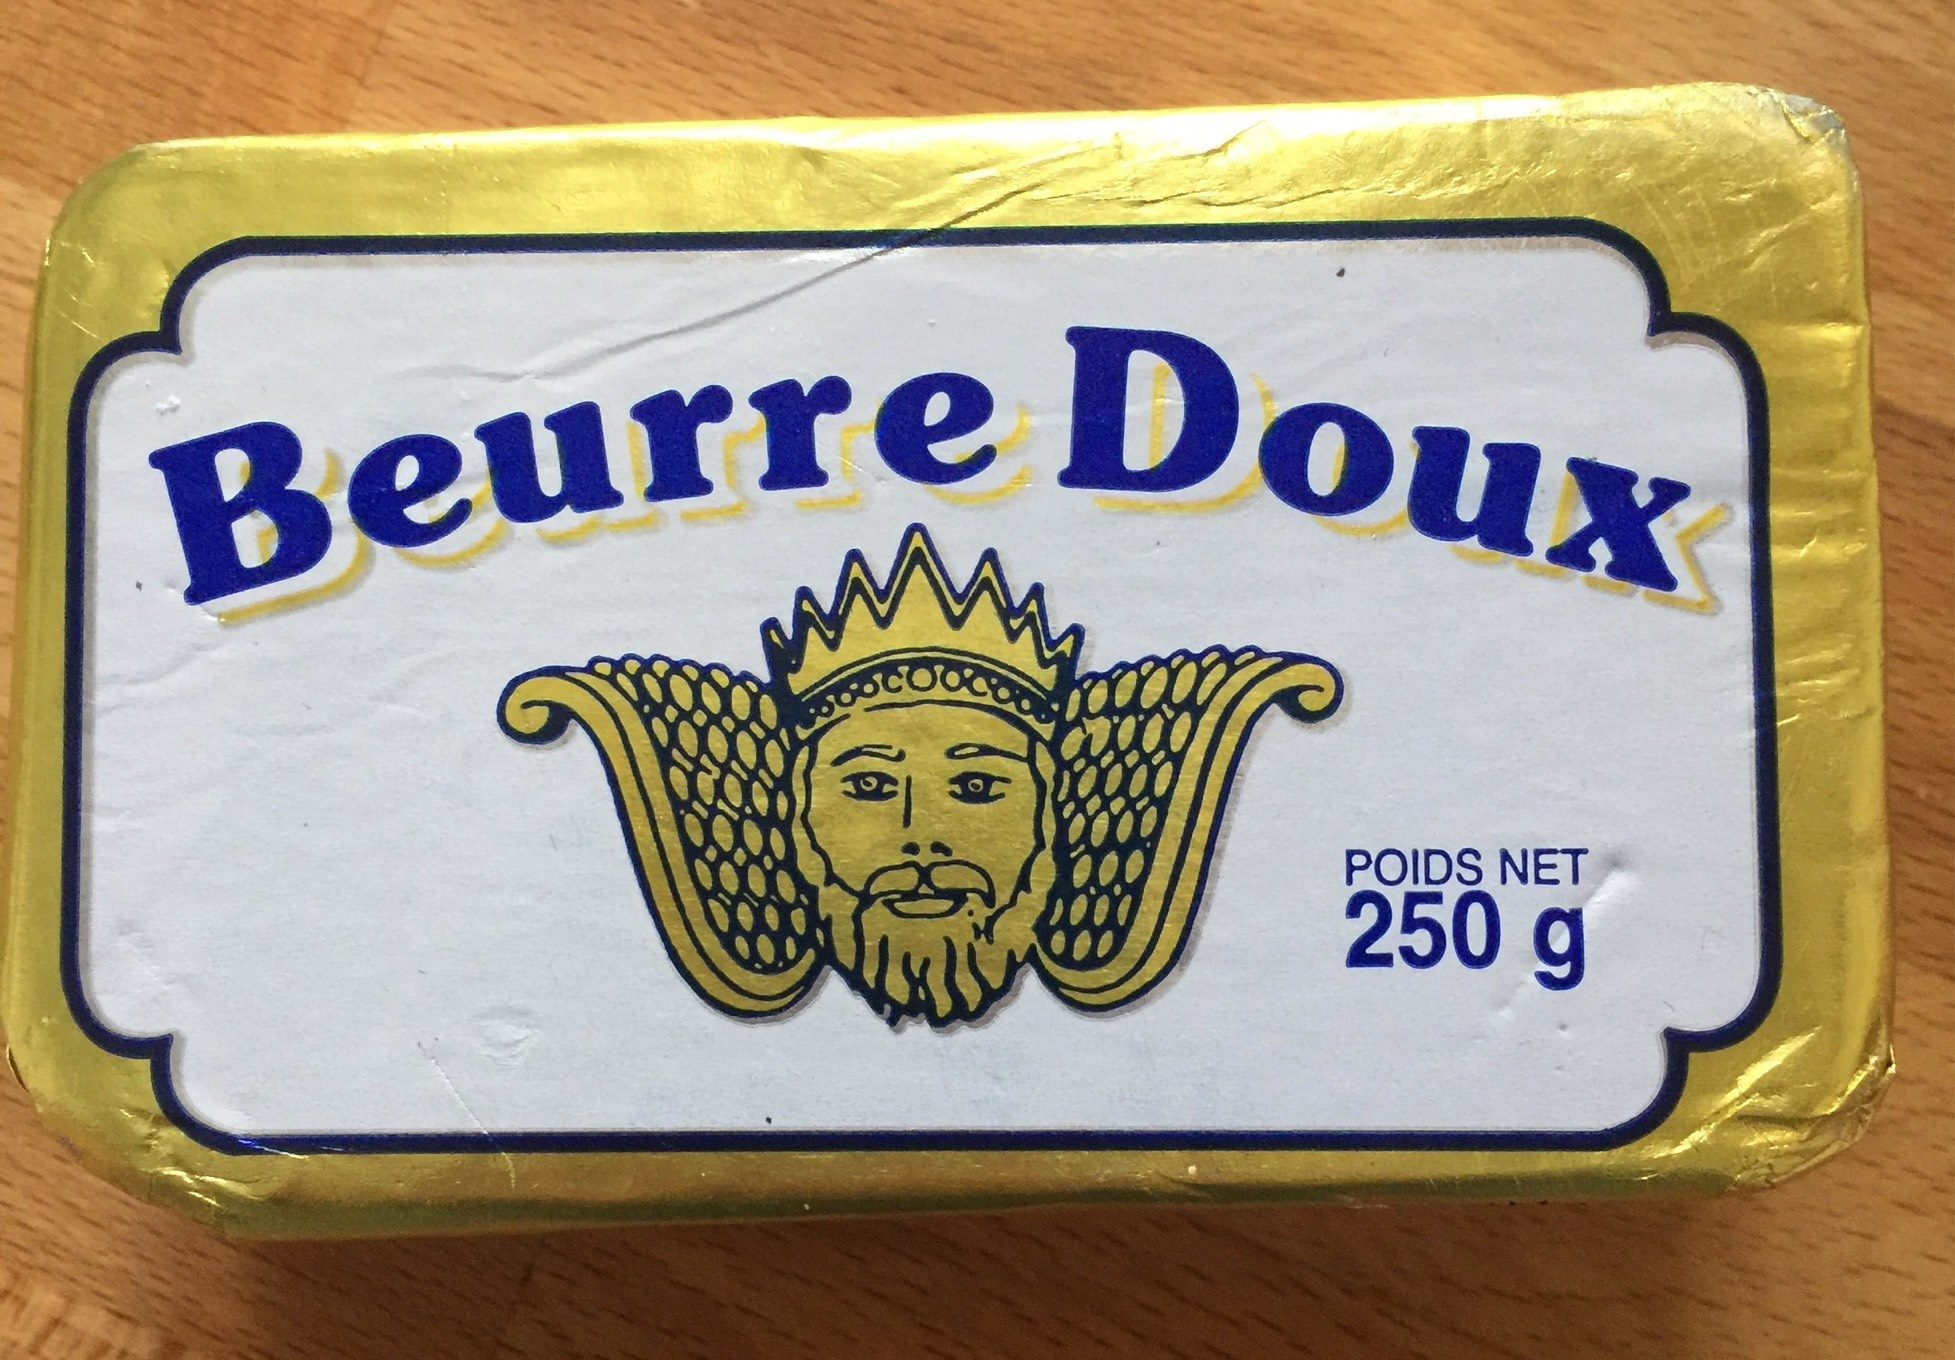 Beurre doux - Product - fr